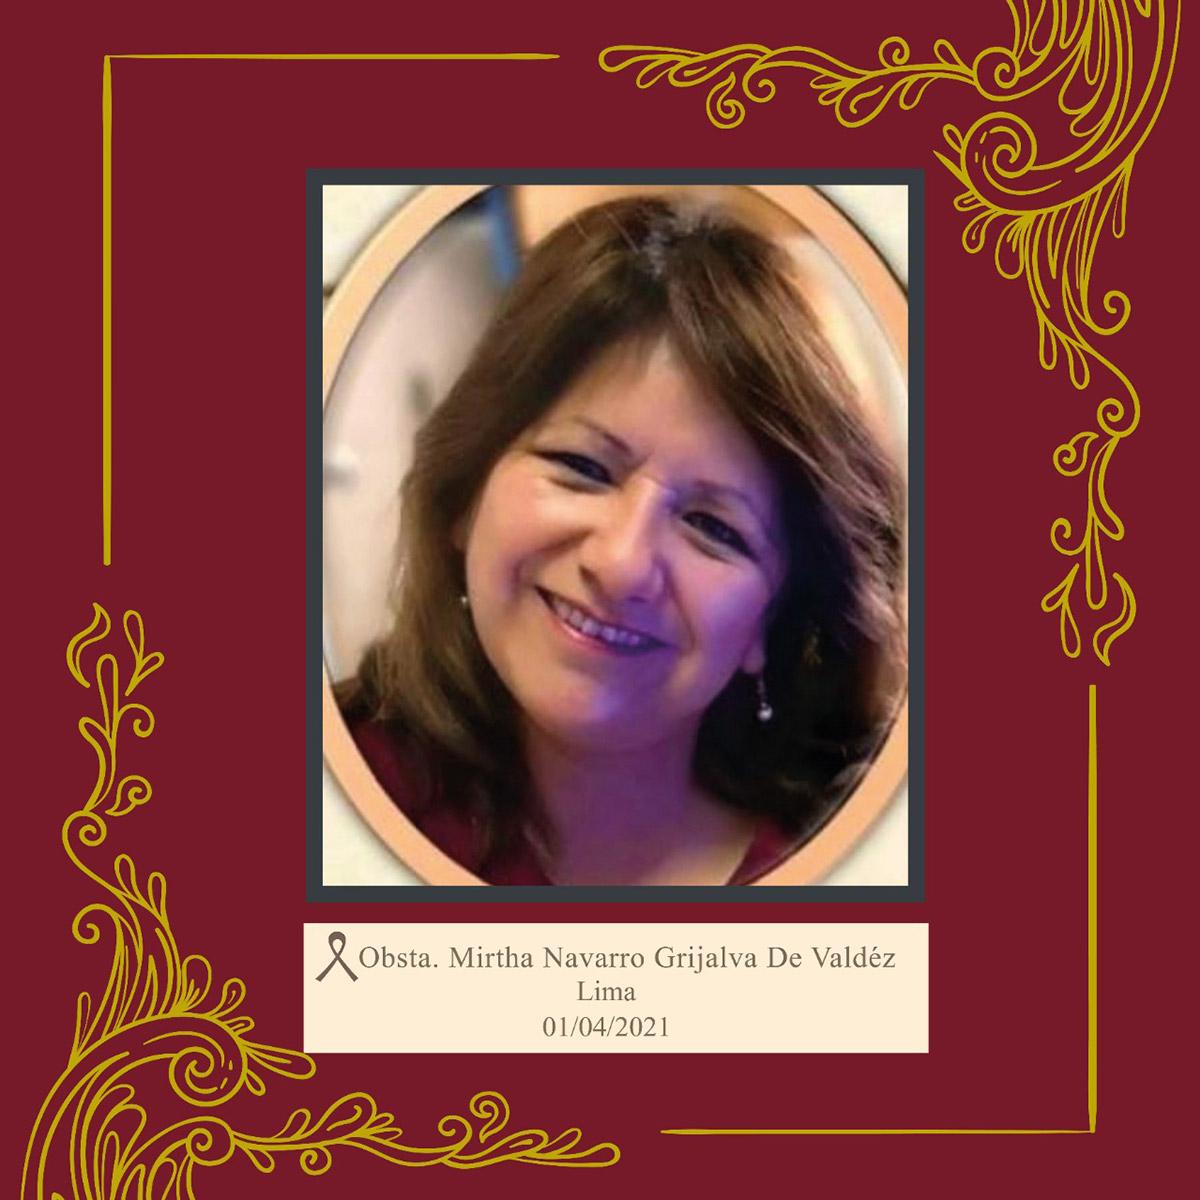 Mirtha Navarro Grijalva De Valdéz